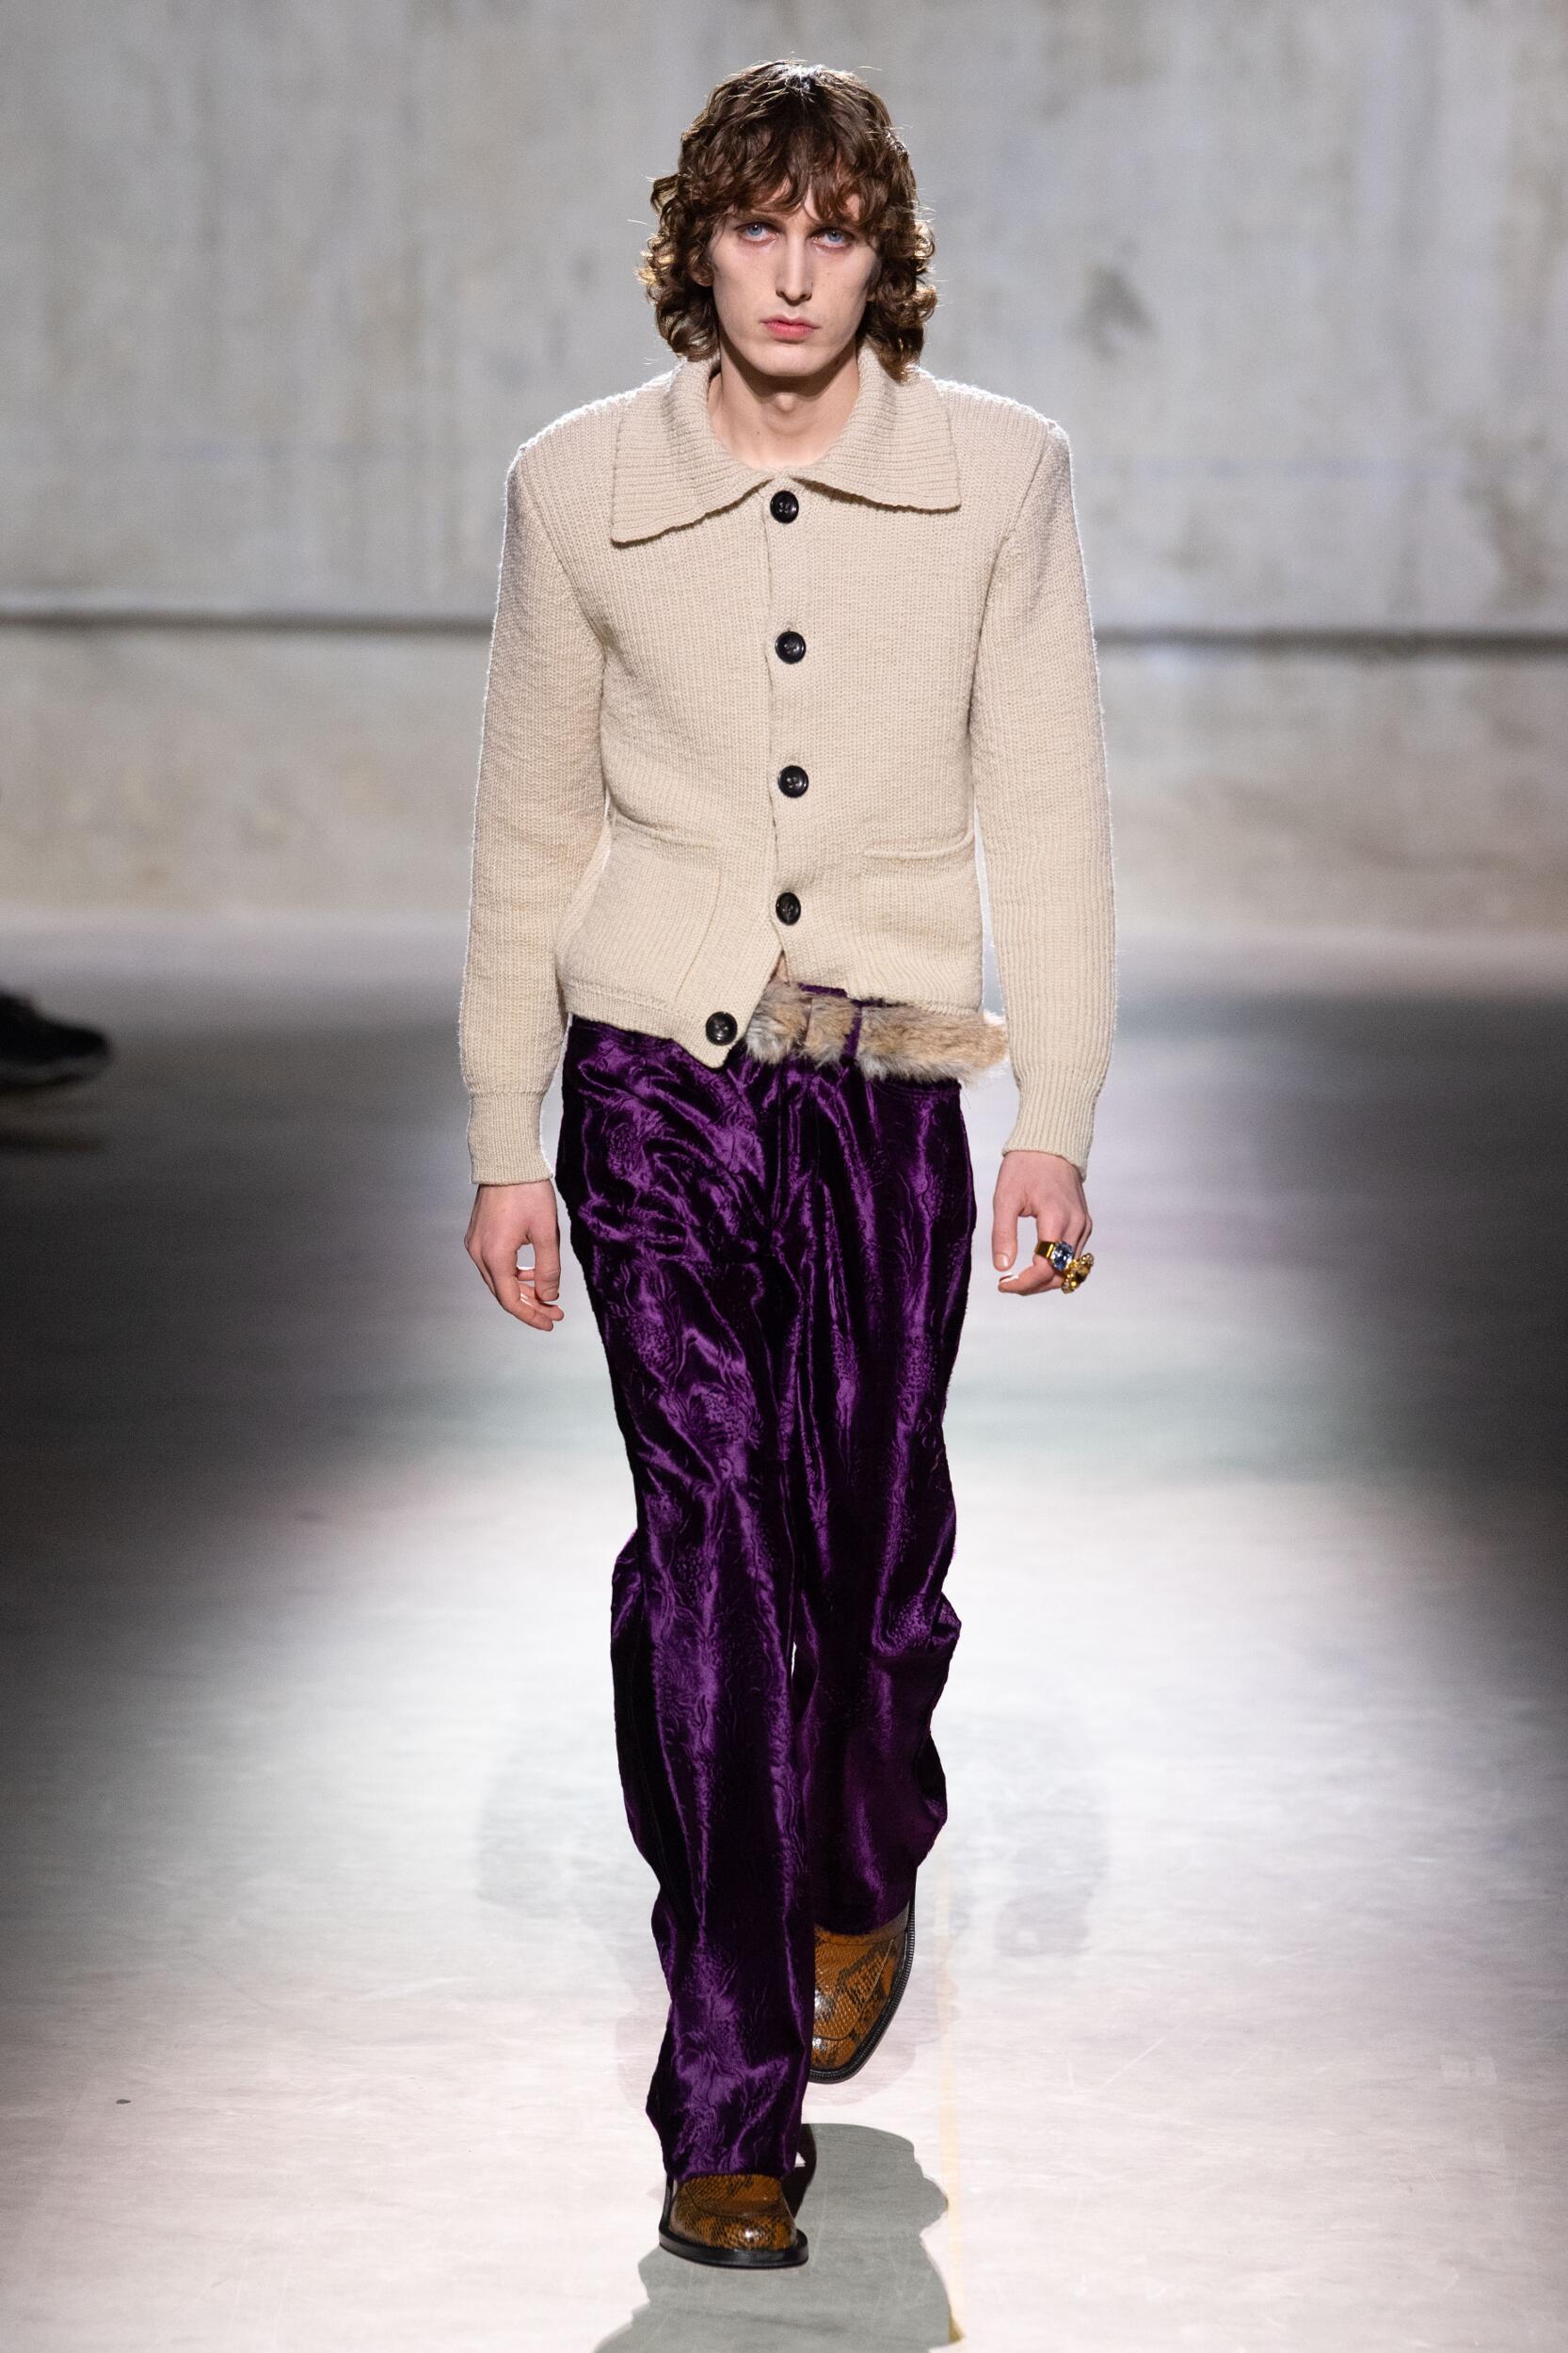 Dries Van Noten FW 2020 Menswear